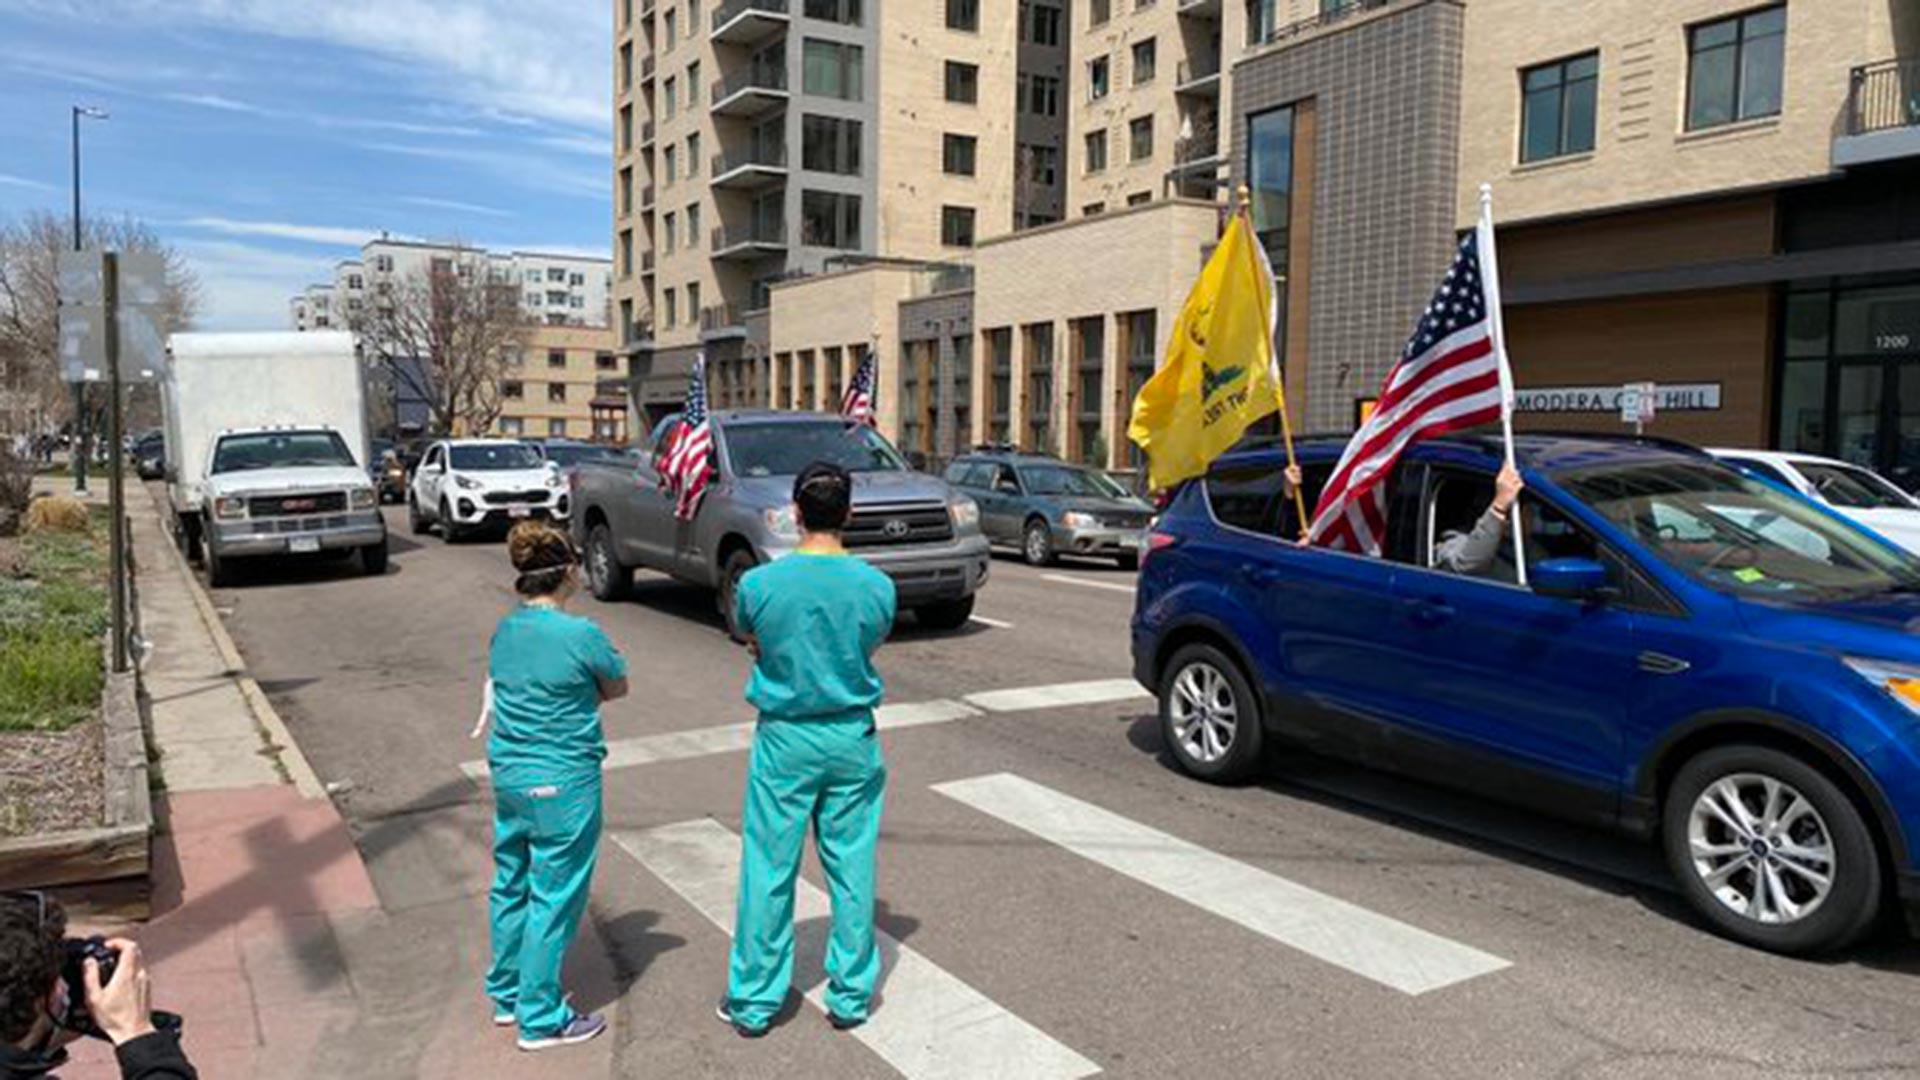 Según los reportes locales, los enfermeros llegaron a ser insultados por los manifestantes (@dcwoodruff)